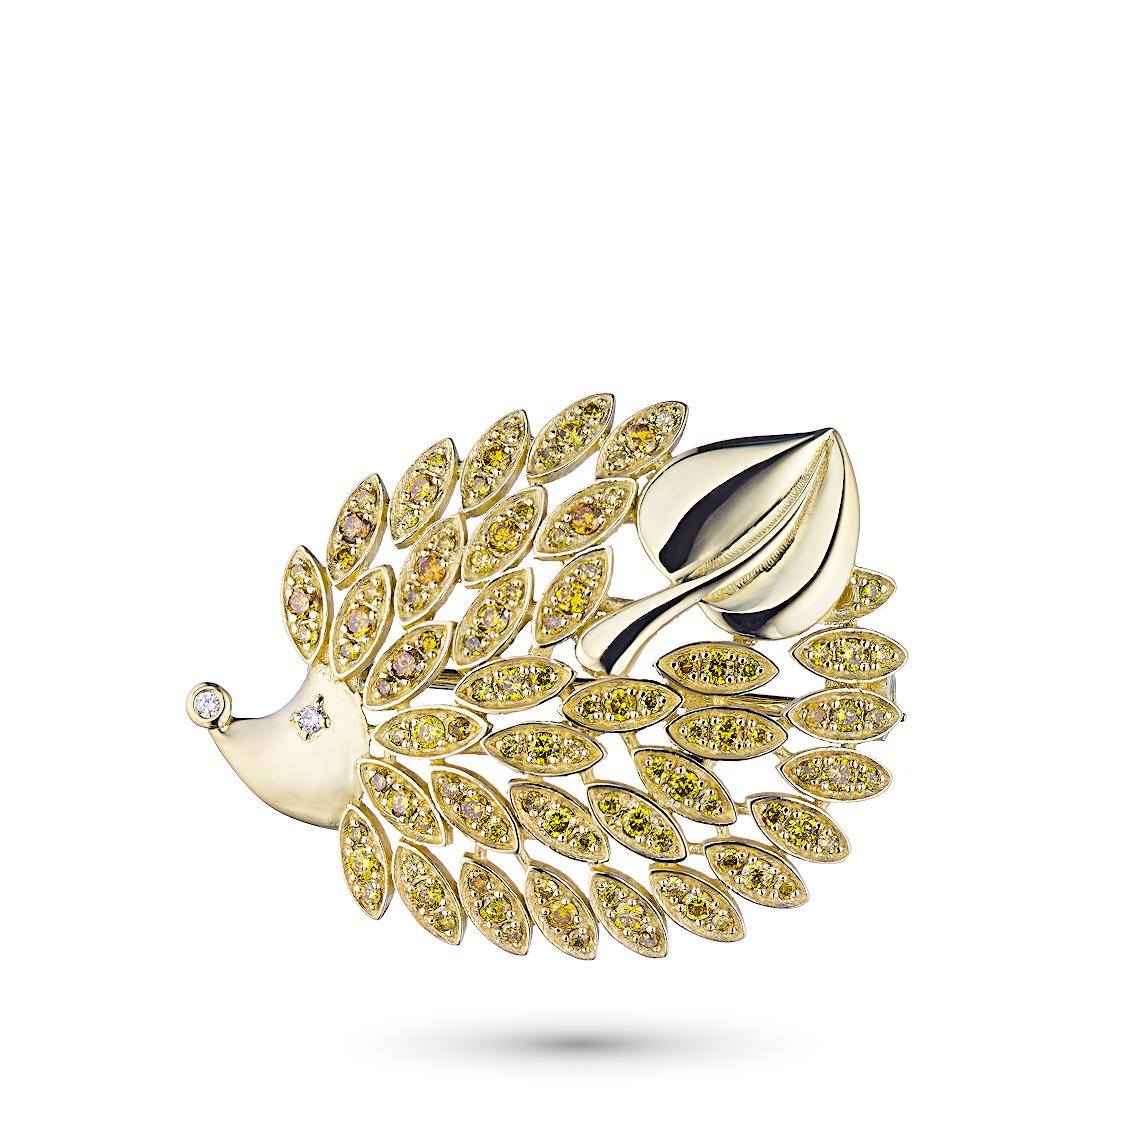 Купить со скидкой Брошь из желтого золота с бриллиантами жд03бш111701